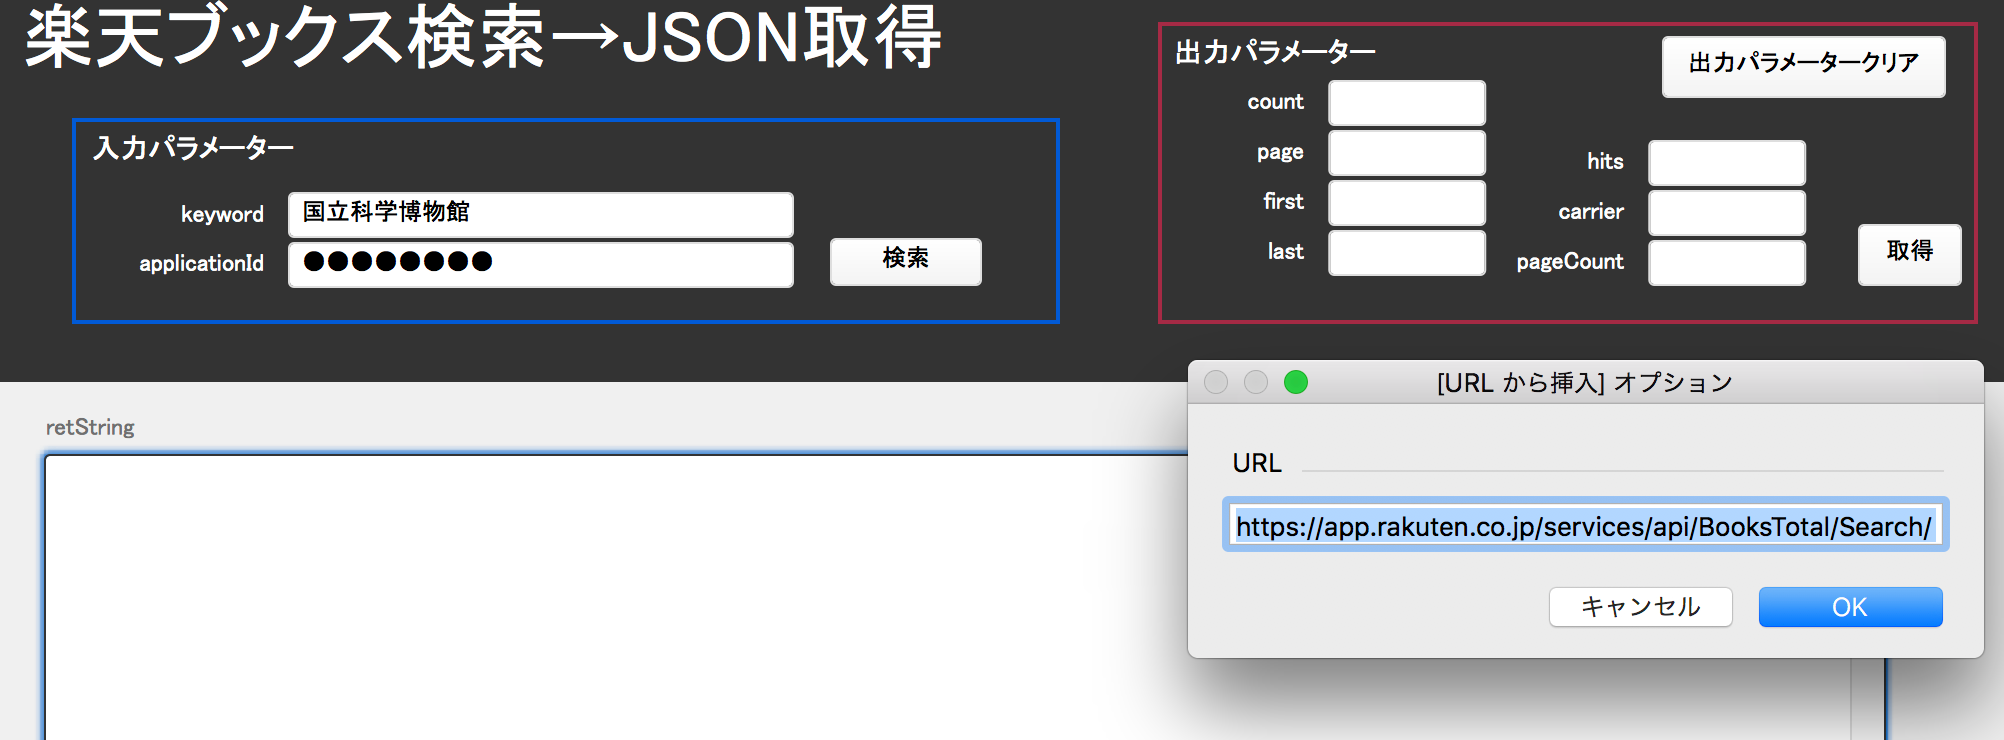 FM16JSON3_0.png